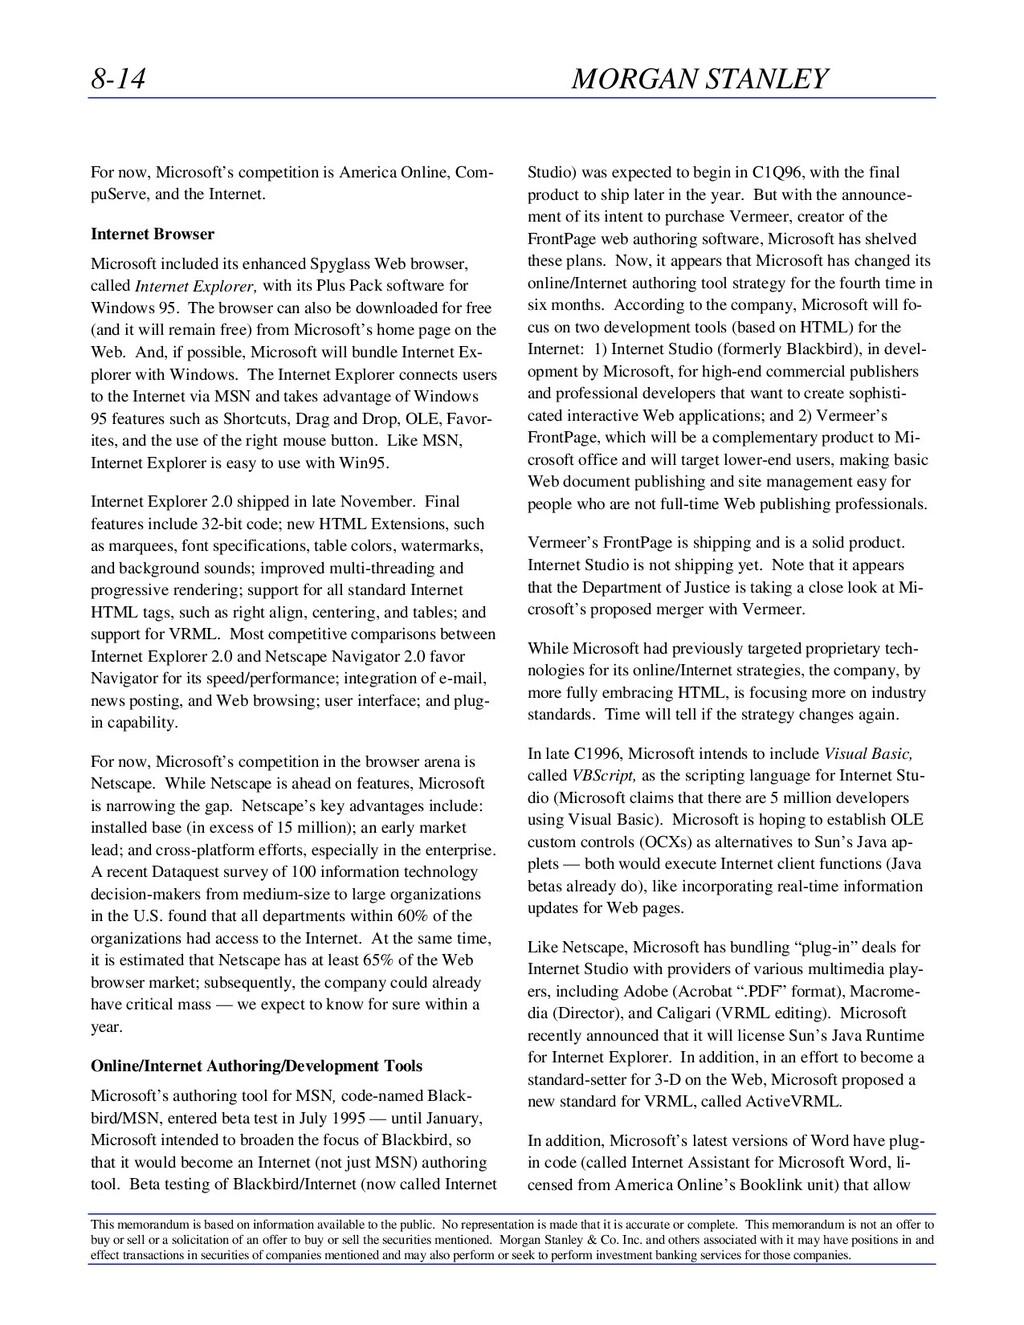 8-14 MORGAN STANLEY This memorandum is based on...